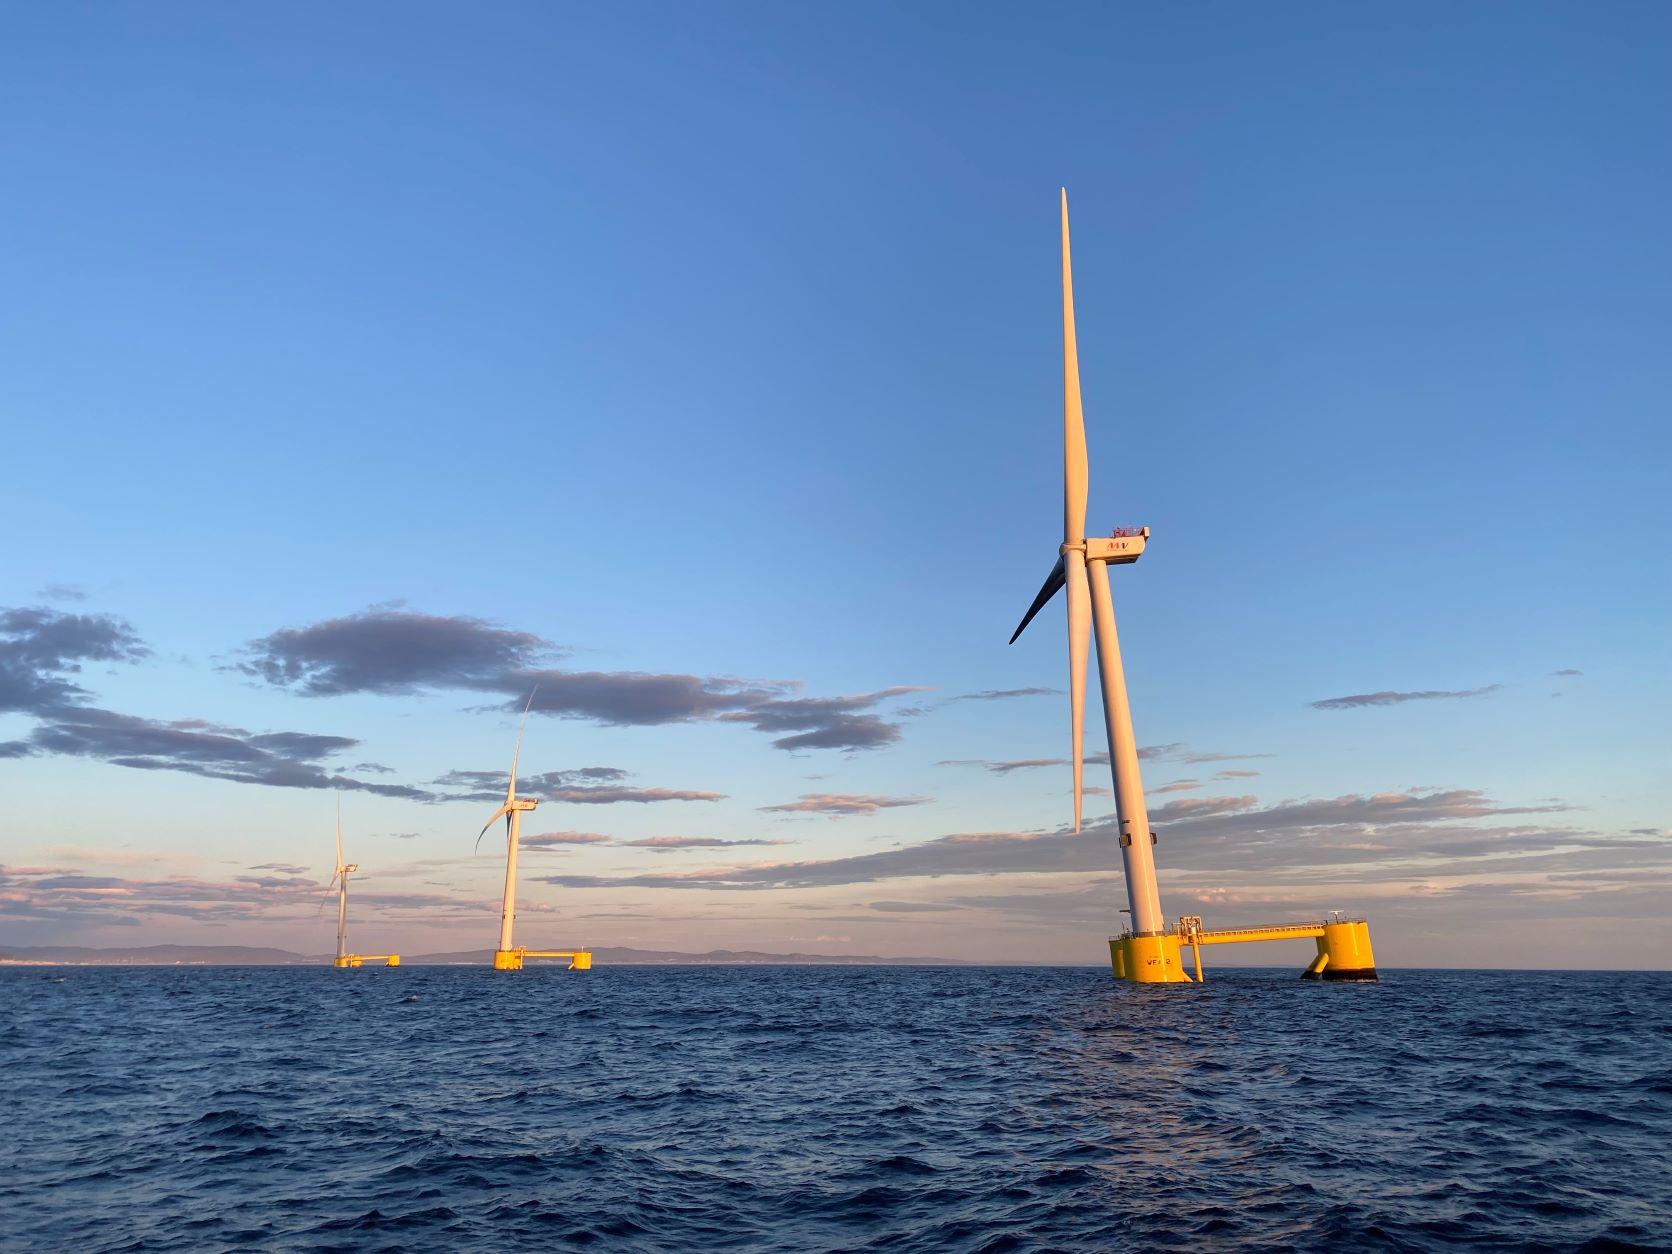 Το πλωτό αιολικό πάρκο Wind Float Atlantic ξεπέρασε τις 75 GWh κατά το πρώτο έτος λειτουργίας του